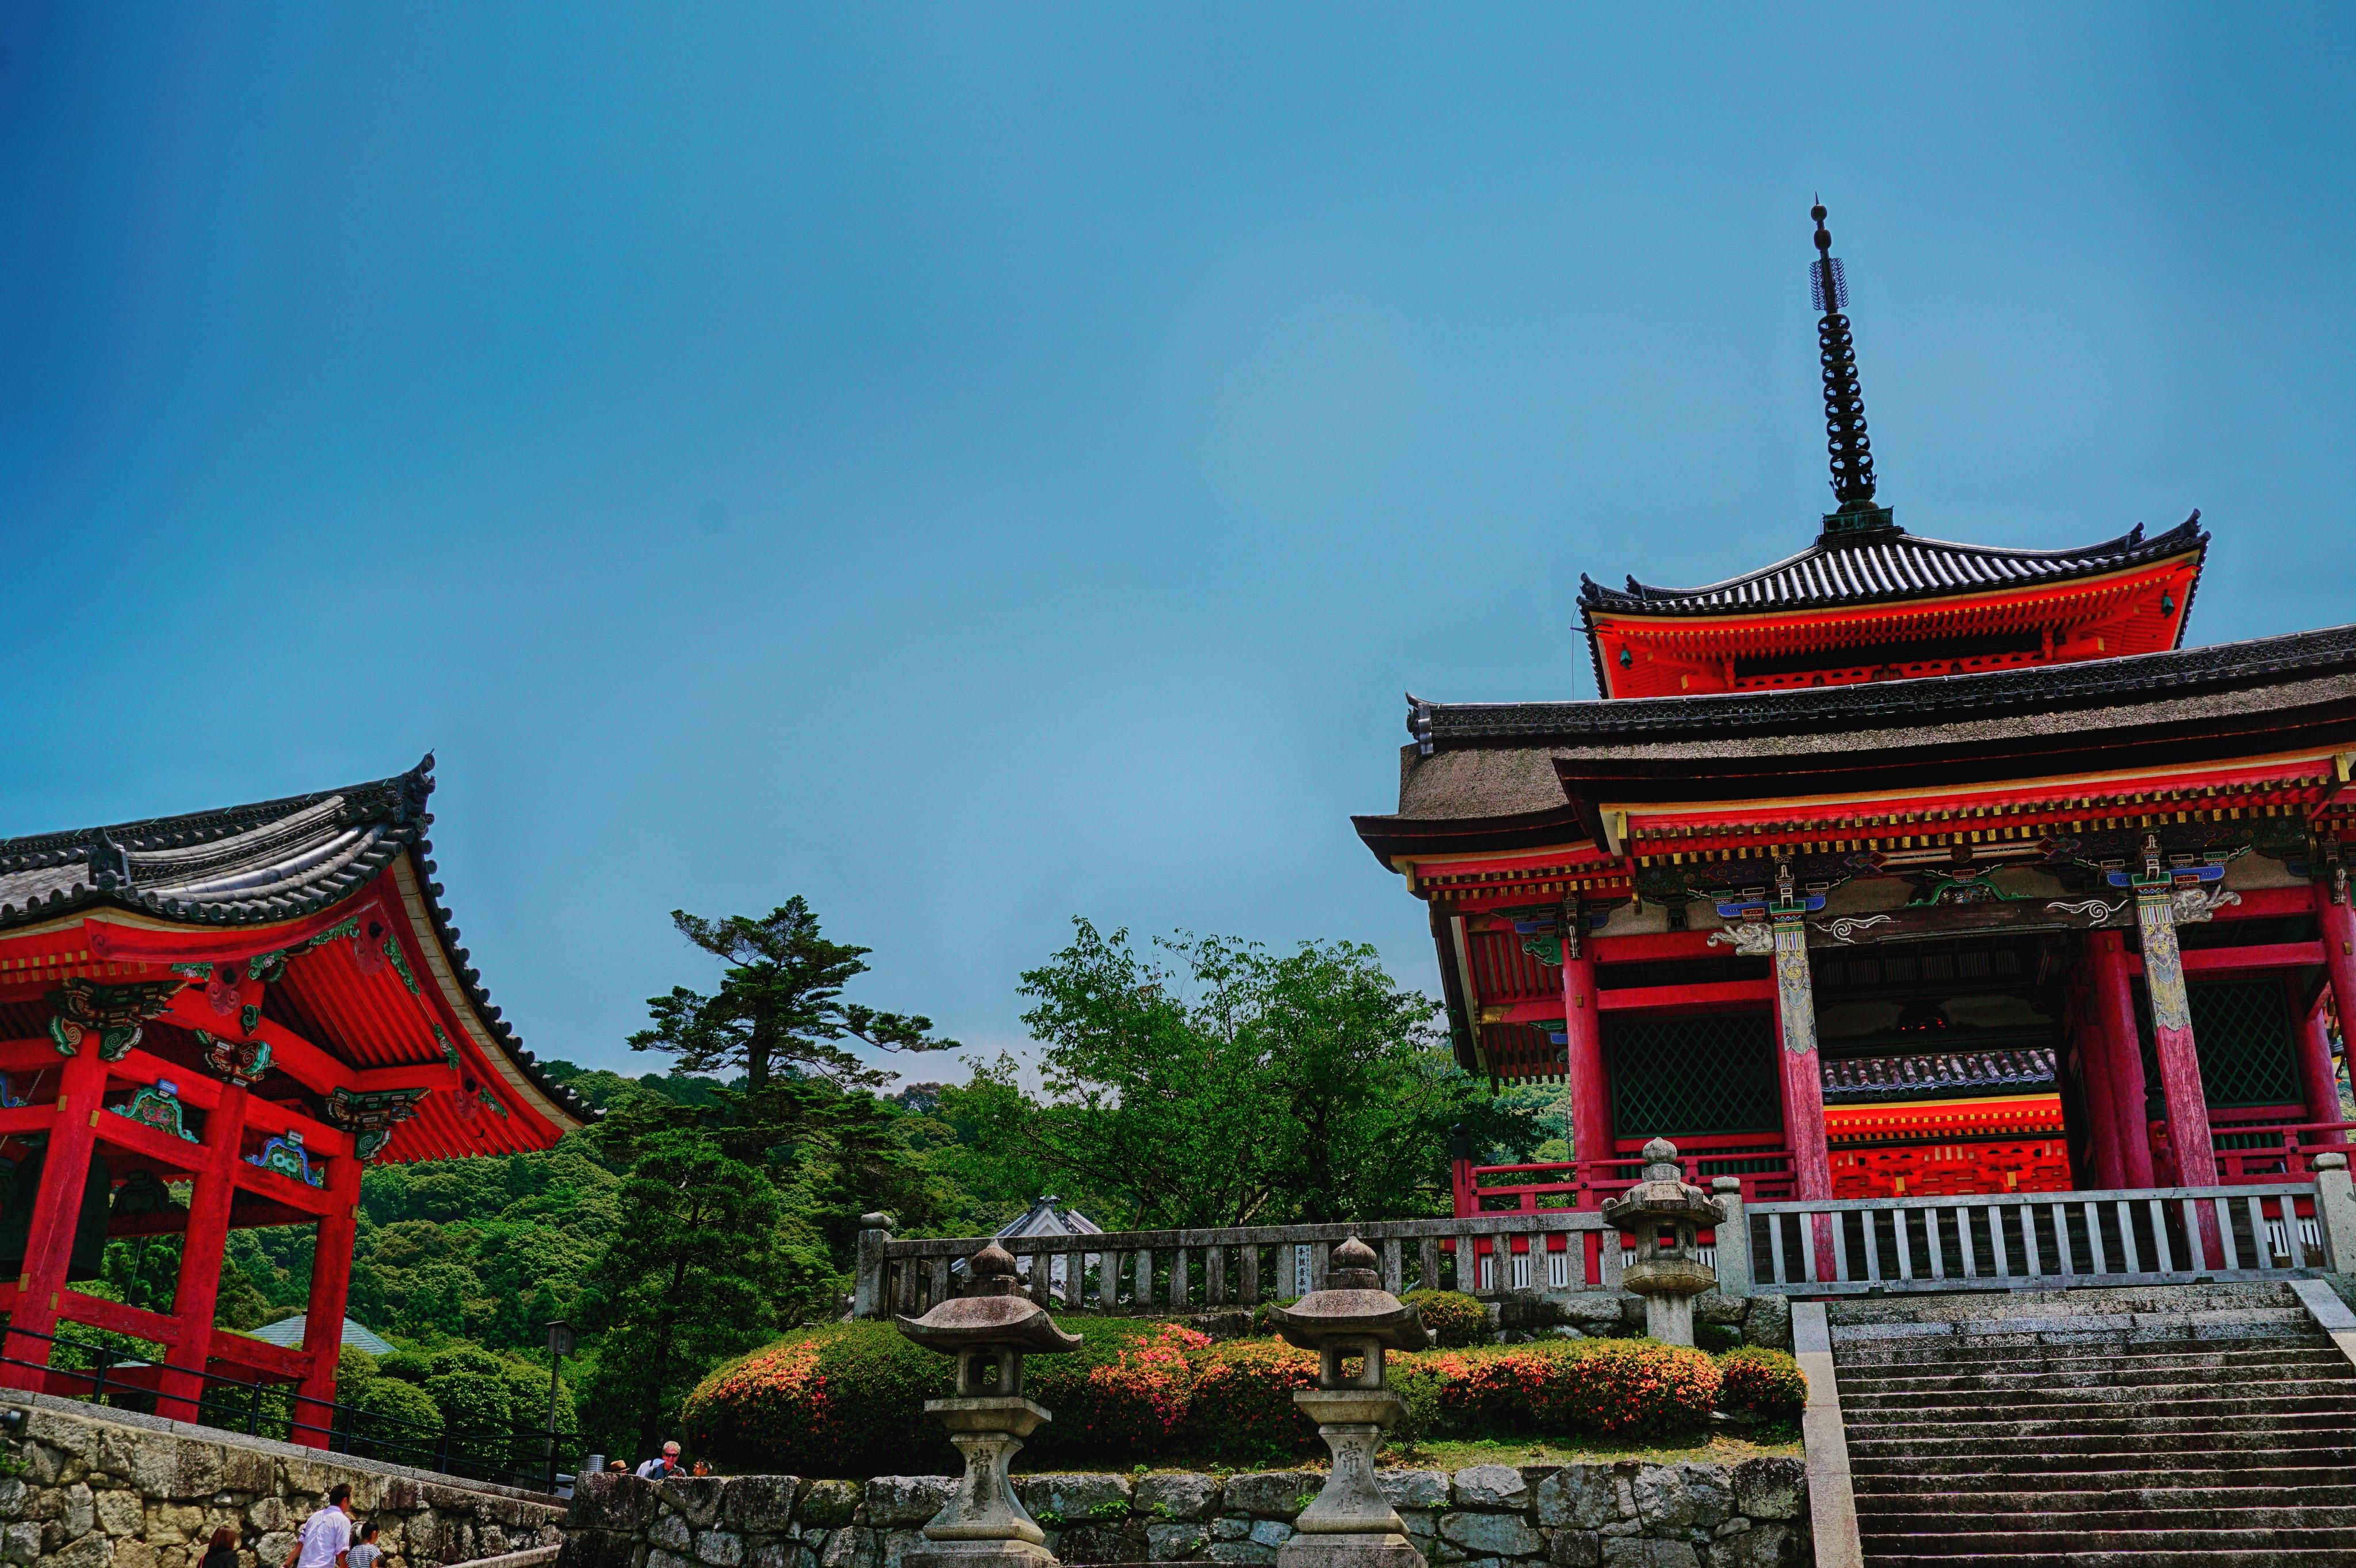 Kiyomizudera Temple in Kyoto, Japan